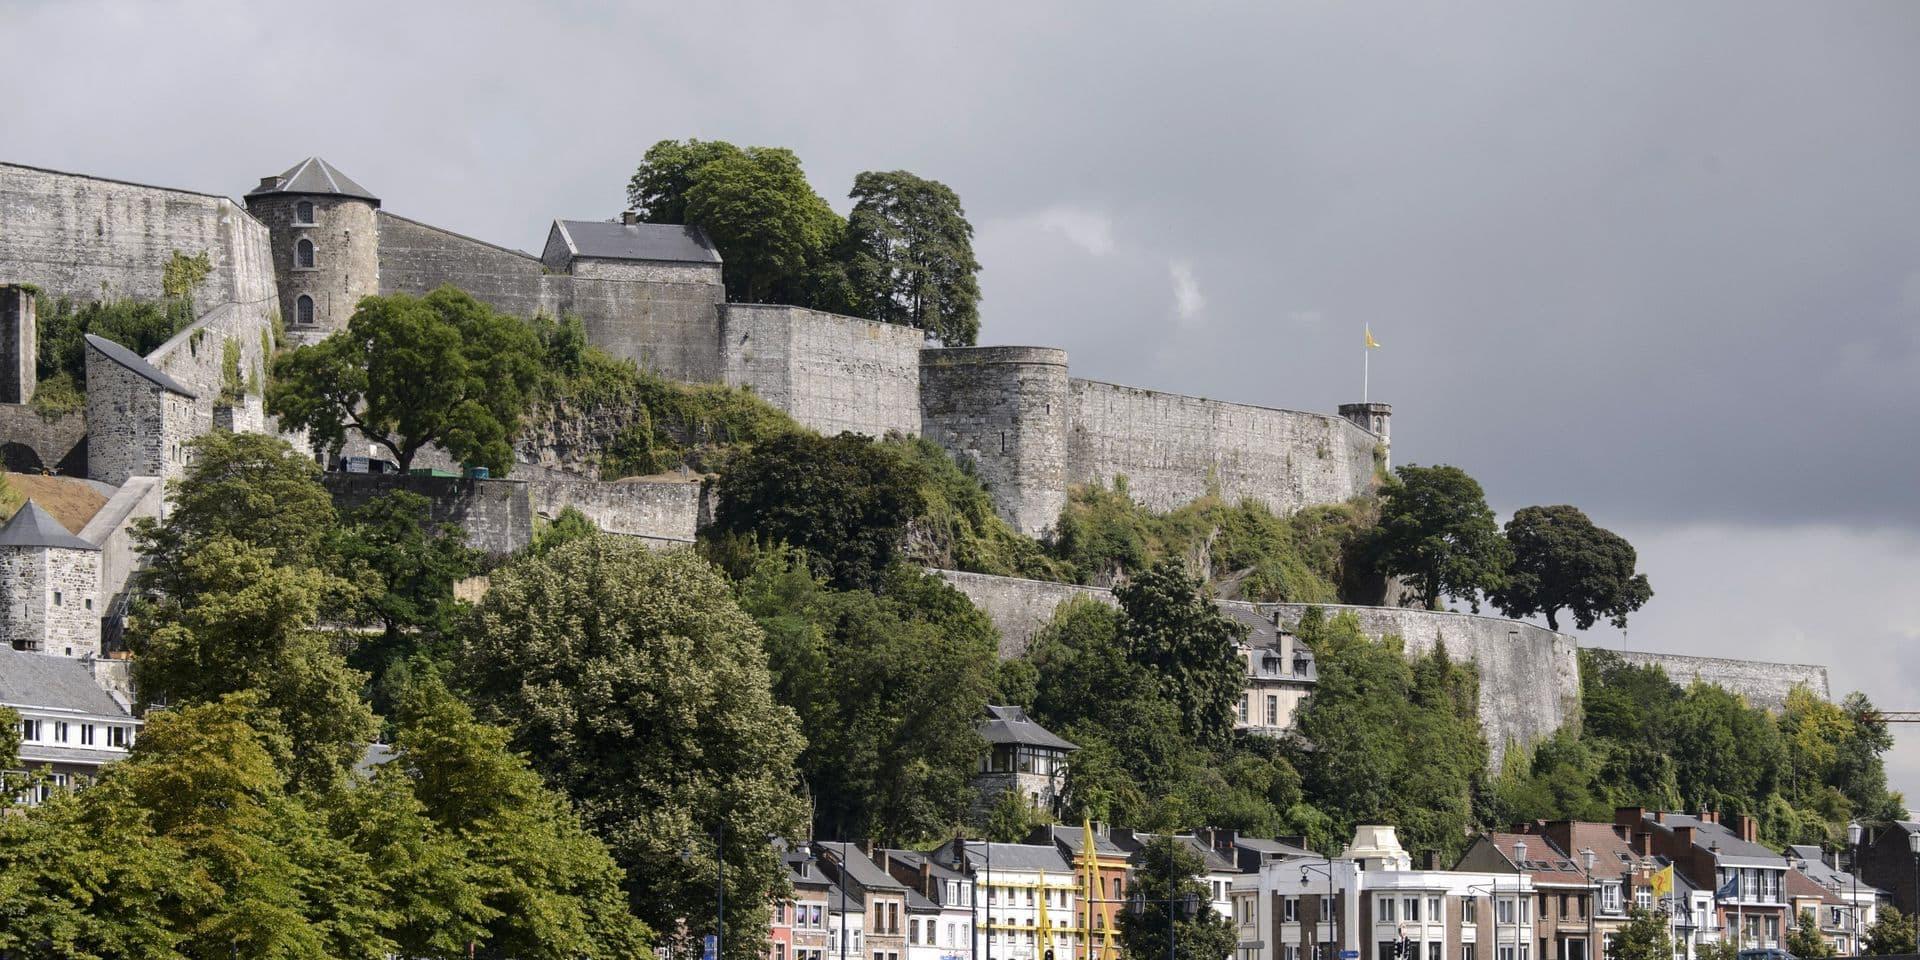 La Citadelle de Namur s'attend à une forte affluence avec la reprise des visites